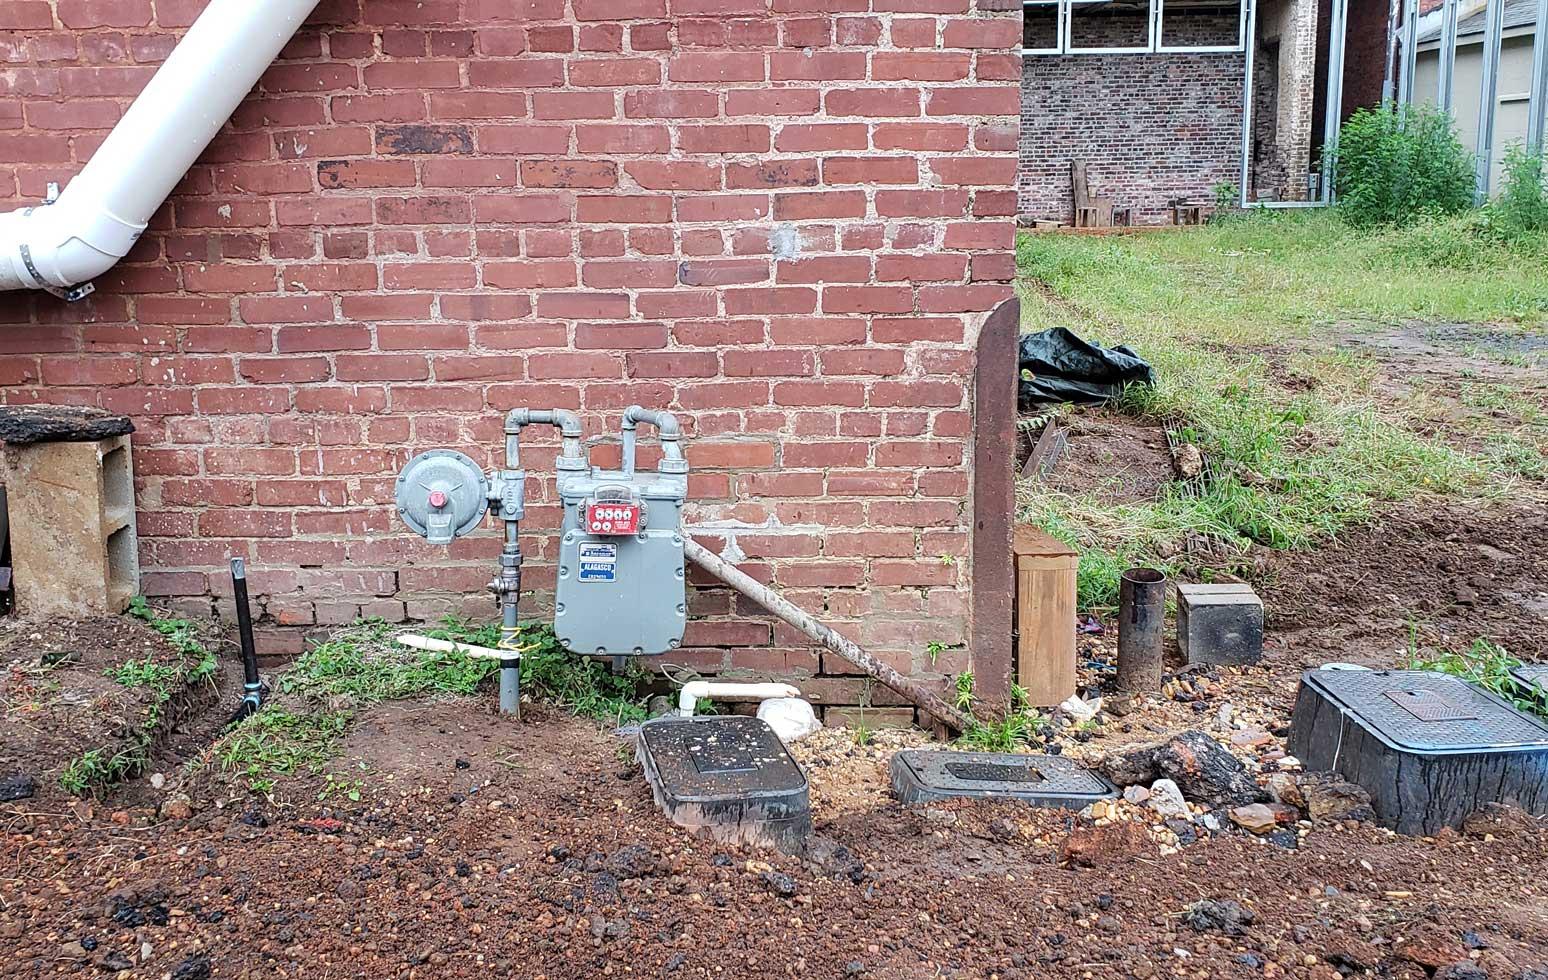 gas meter agast brick wall